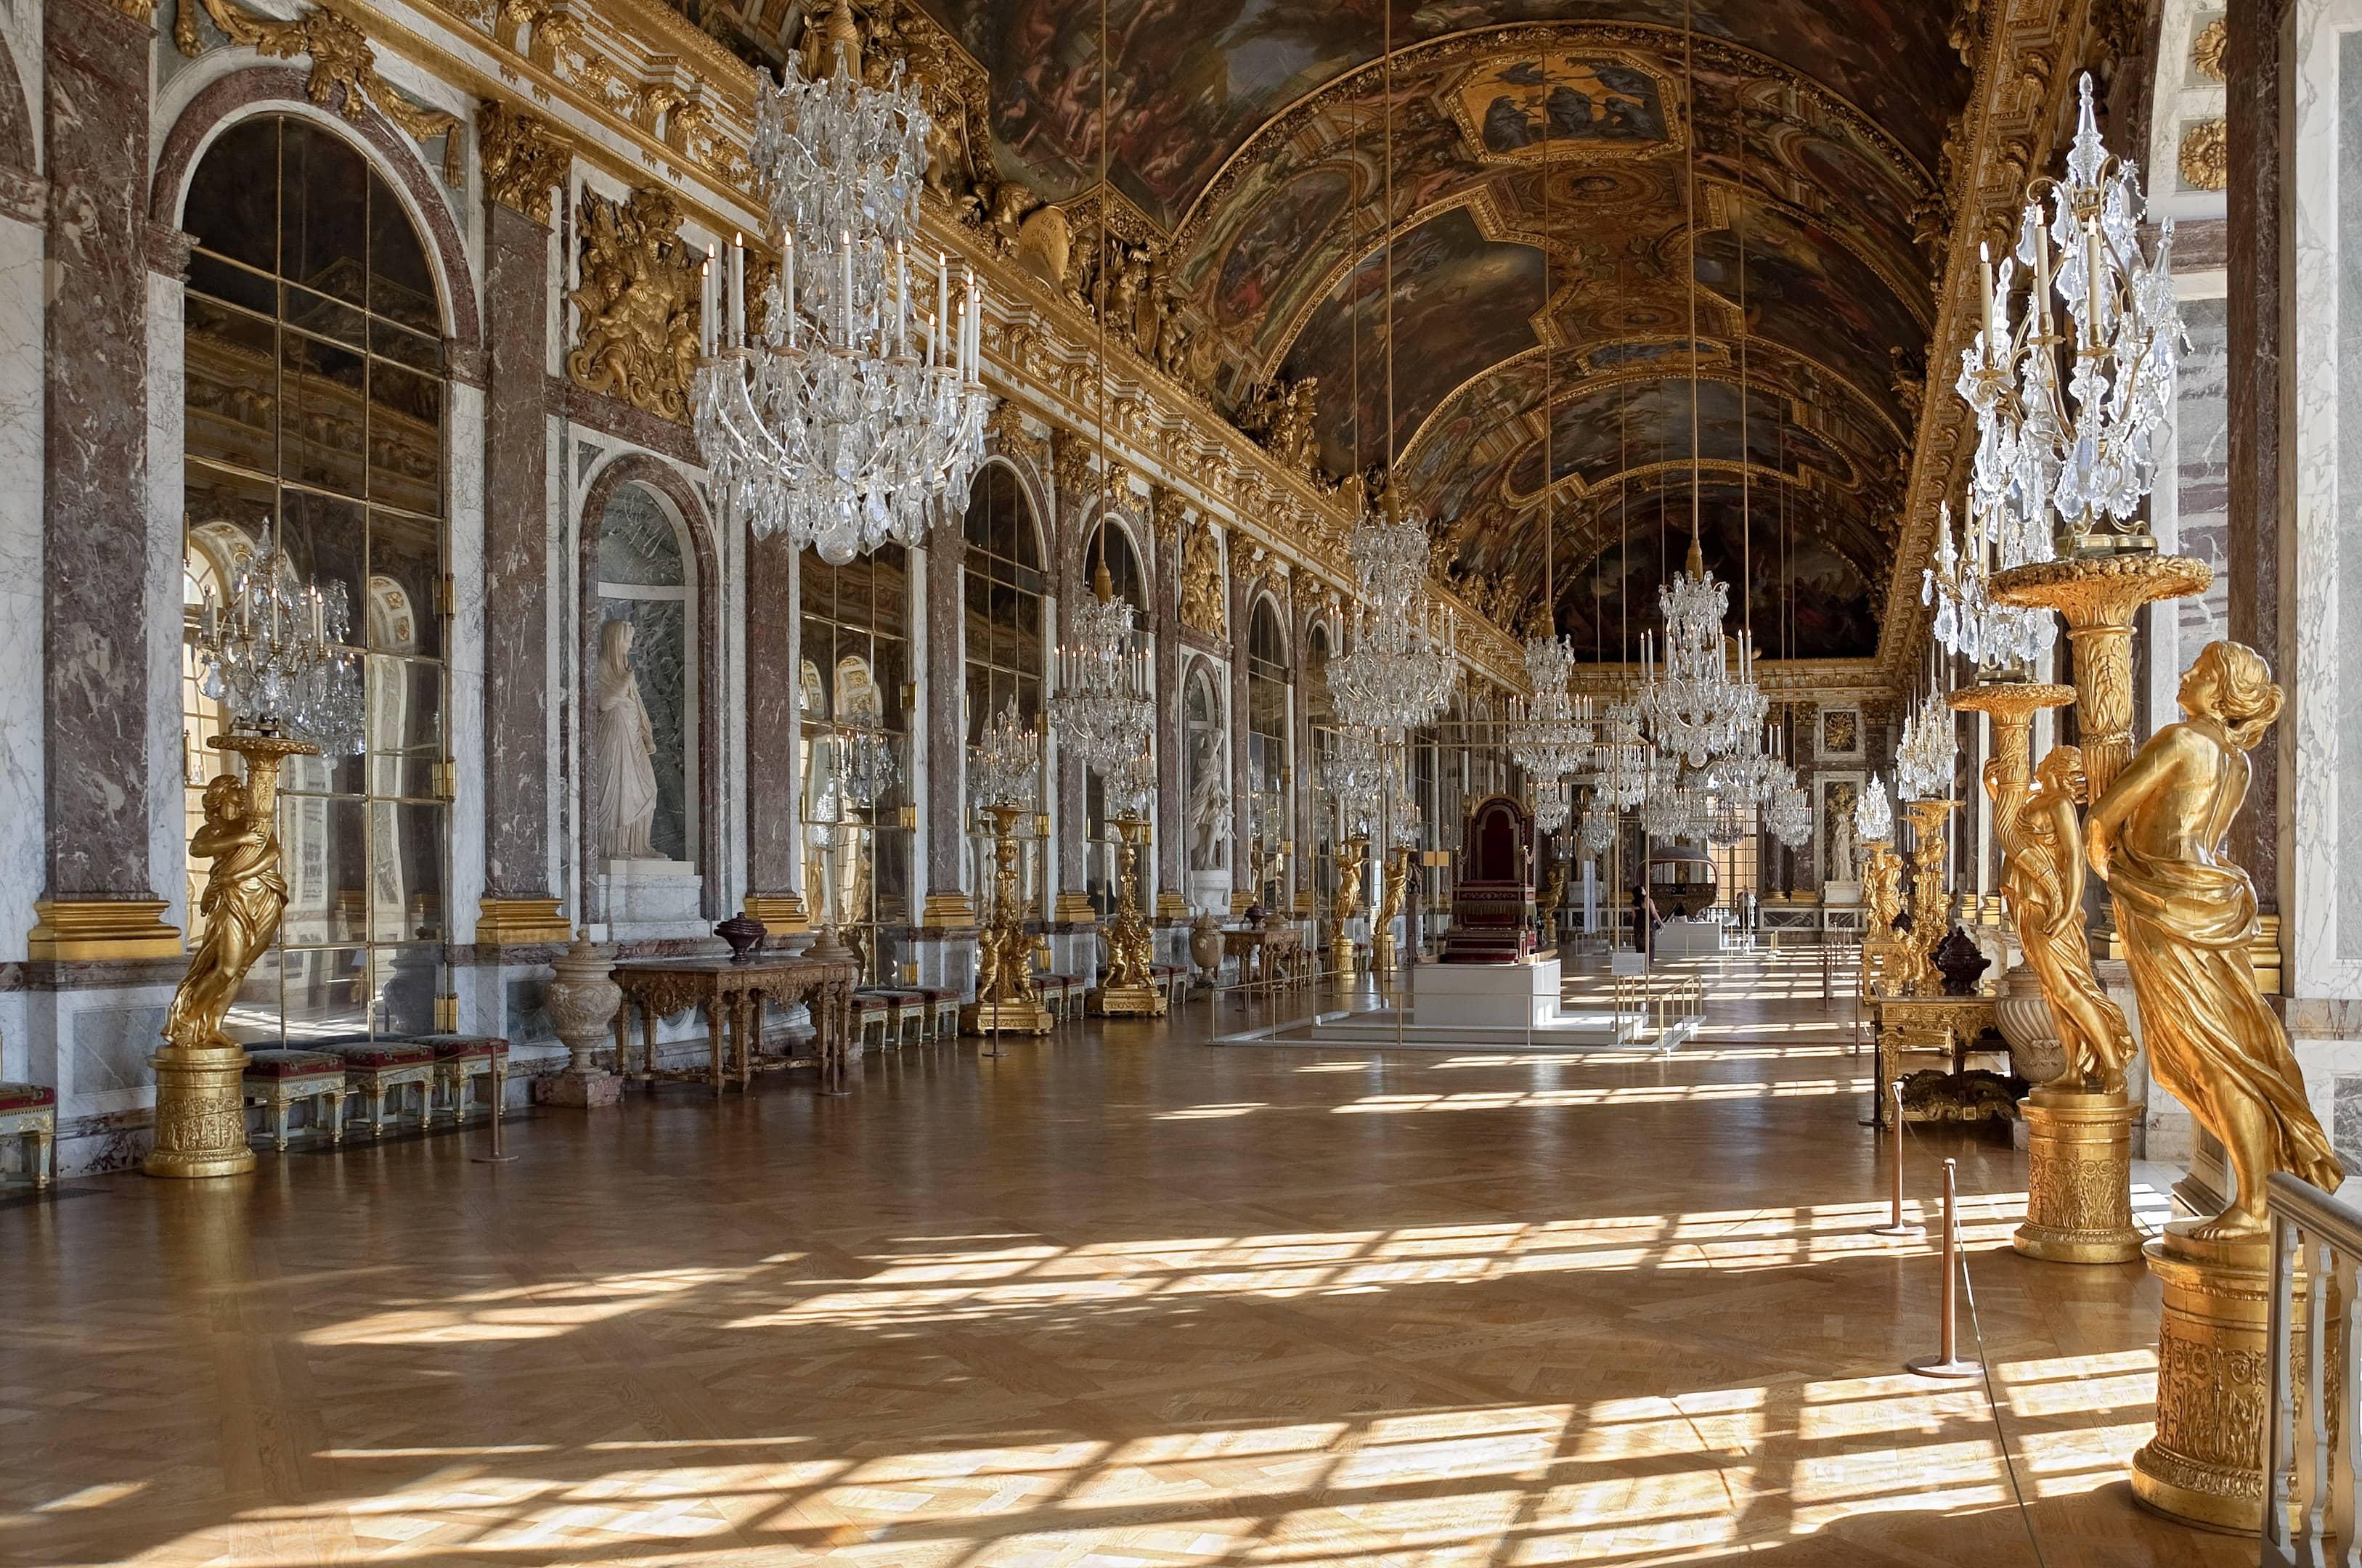 A Galeria dos Espelhos, no Palácio de Versalhes, exibe 357 espelhos posicionados em frente às 17 janelas do salão. Naquela época, os espelhos eram um artigo de luxo, e os mais famosos eram fabricados em Veneza, Itália. Por isso, o rei da França contratou especialistas venezianos para o serviço.